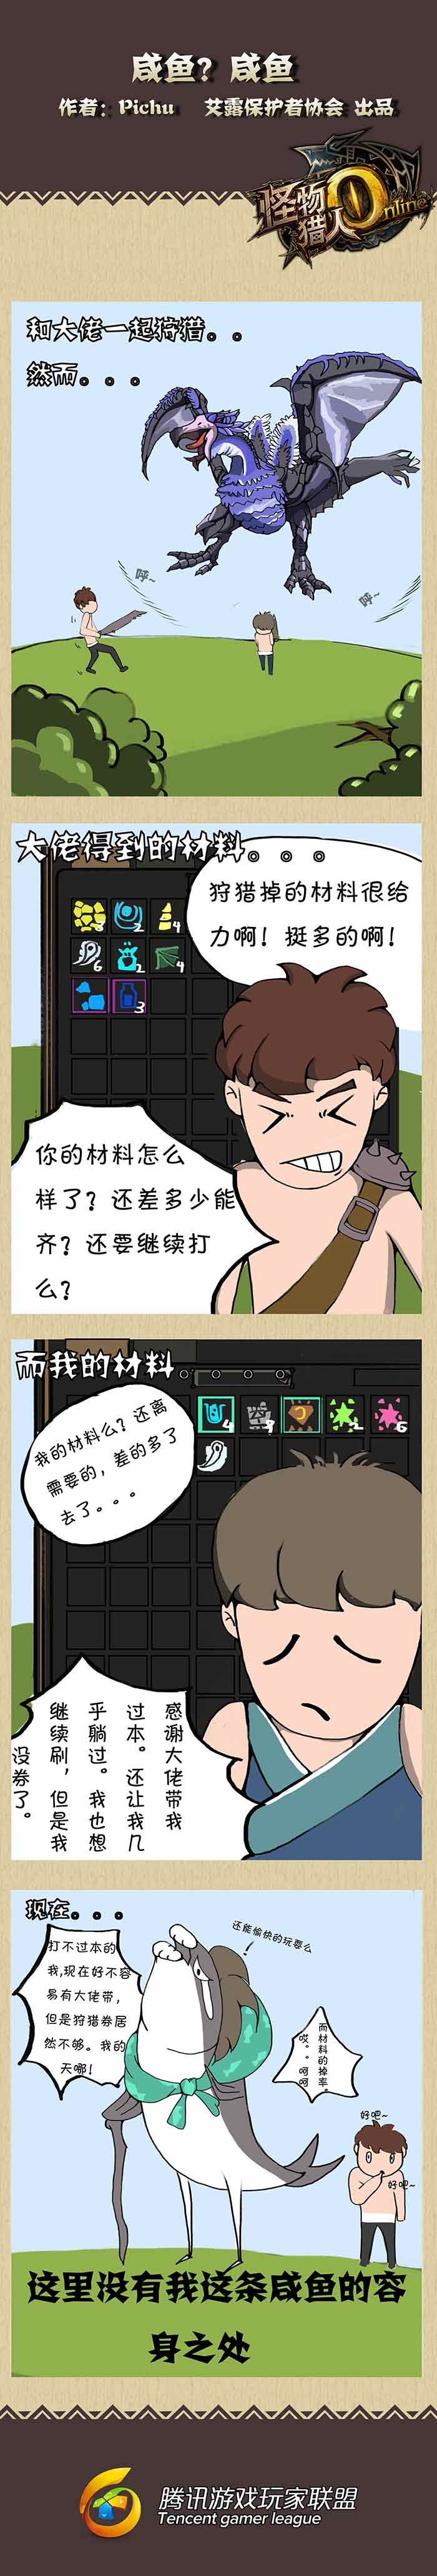 怪物猎人OL玩家Pichu原创四格漫画咸鱼咸鱼